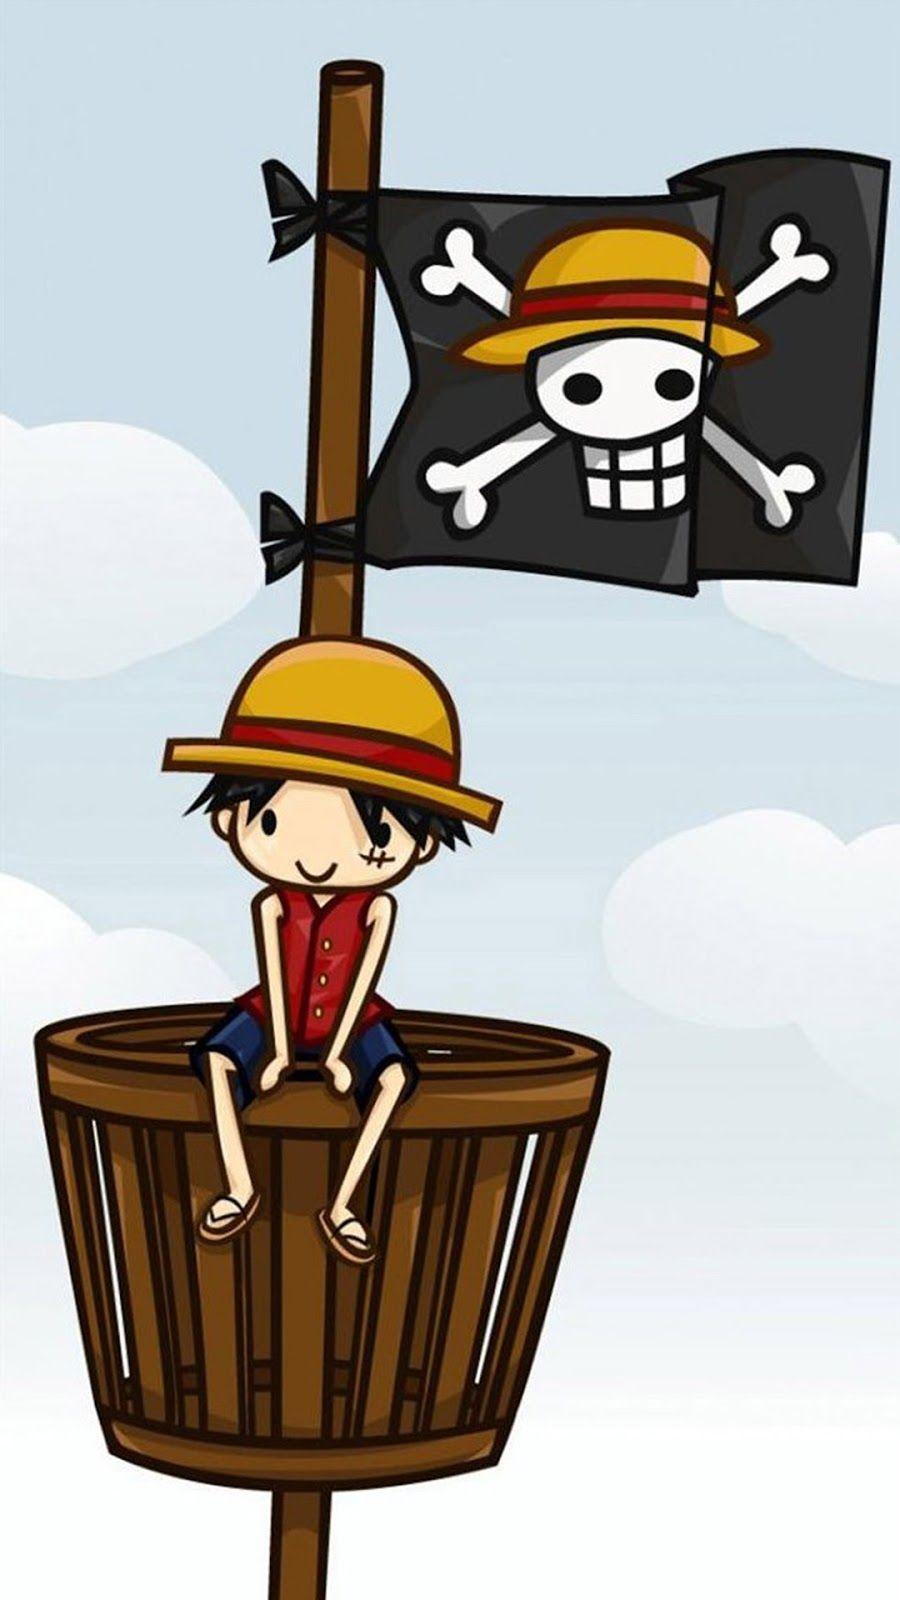 900x1600 One Piece Luffy Hình nền iPhone 7 & iPhone 7 Plus - HD iPhone 7